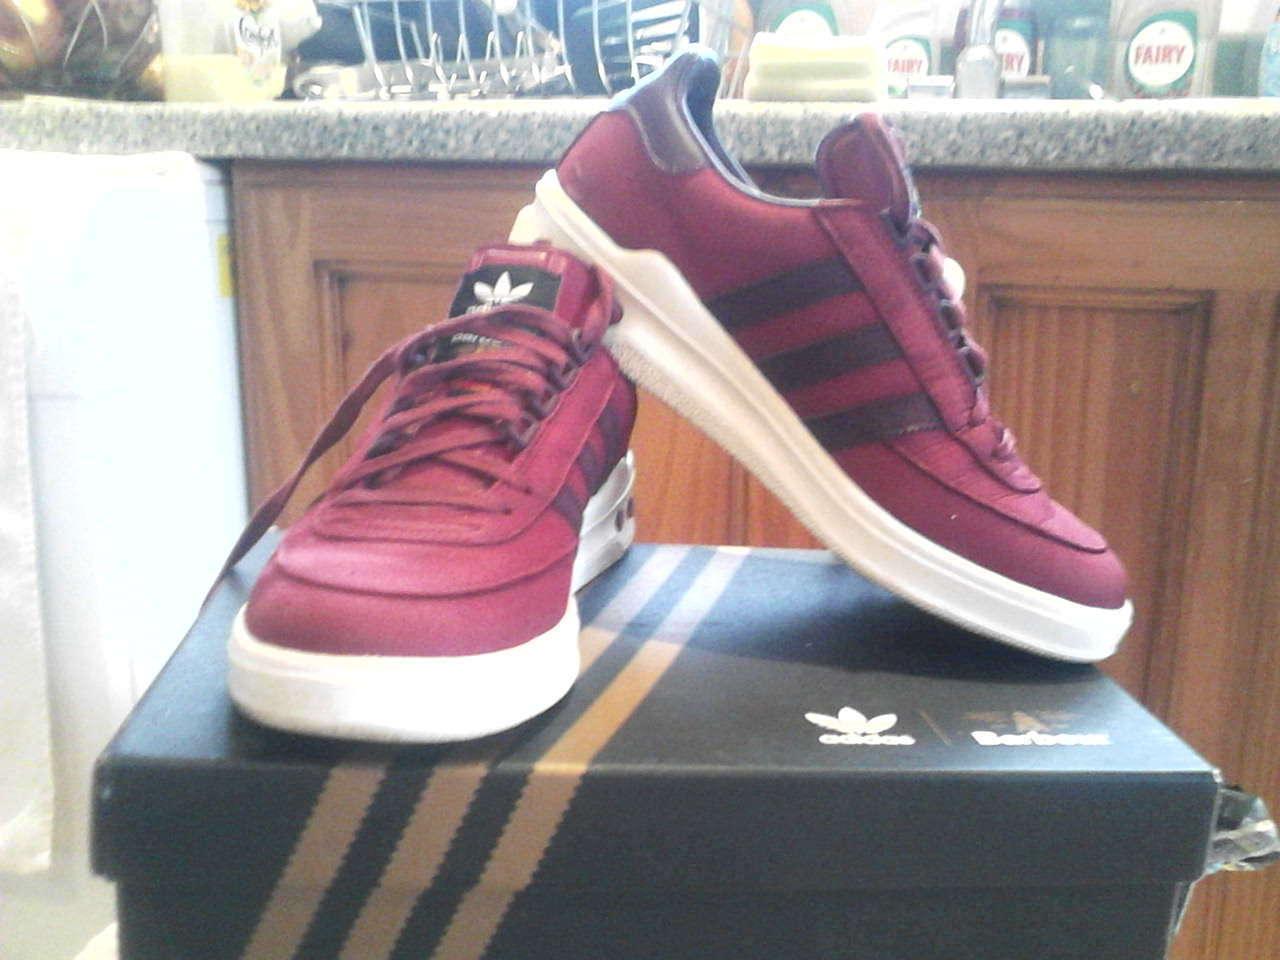 Adidas x columbia barbour UK 7 8df070 columbia 80 casuals 8df070 7 m ce0765